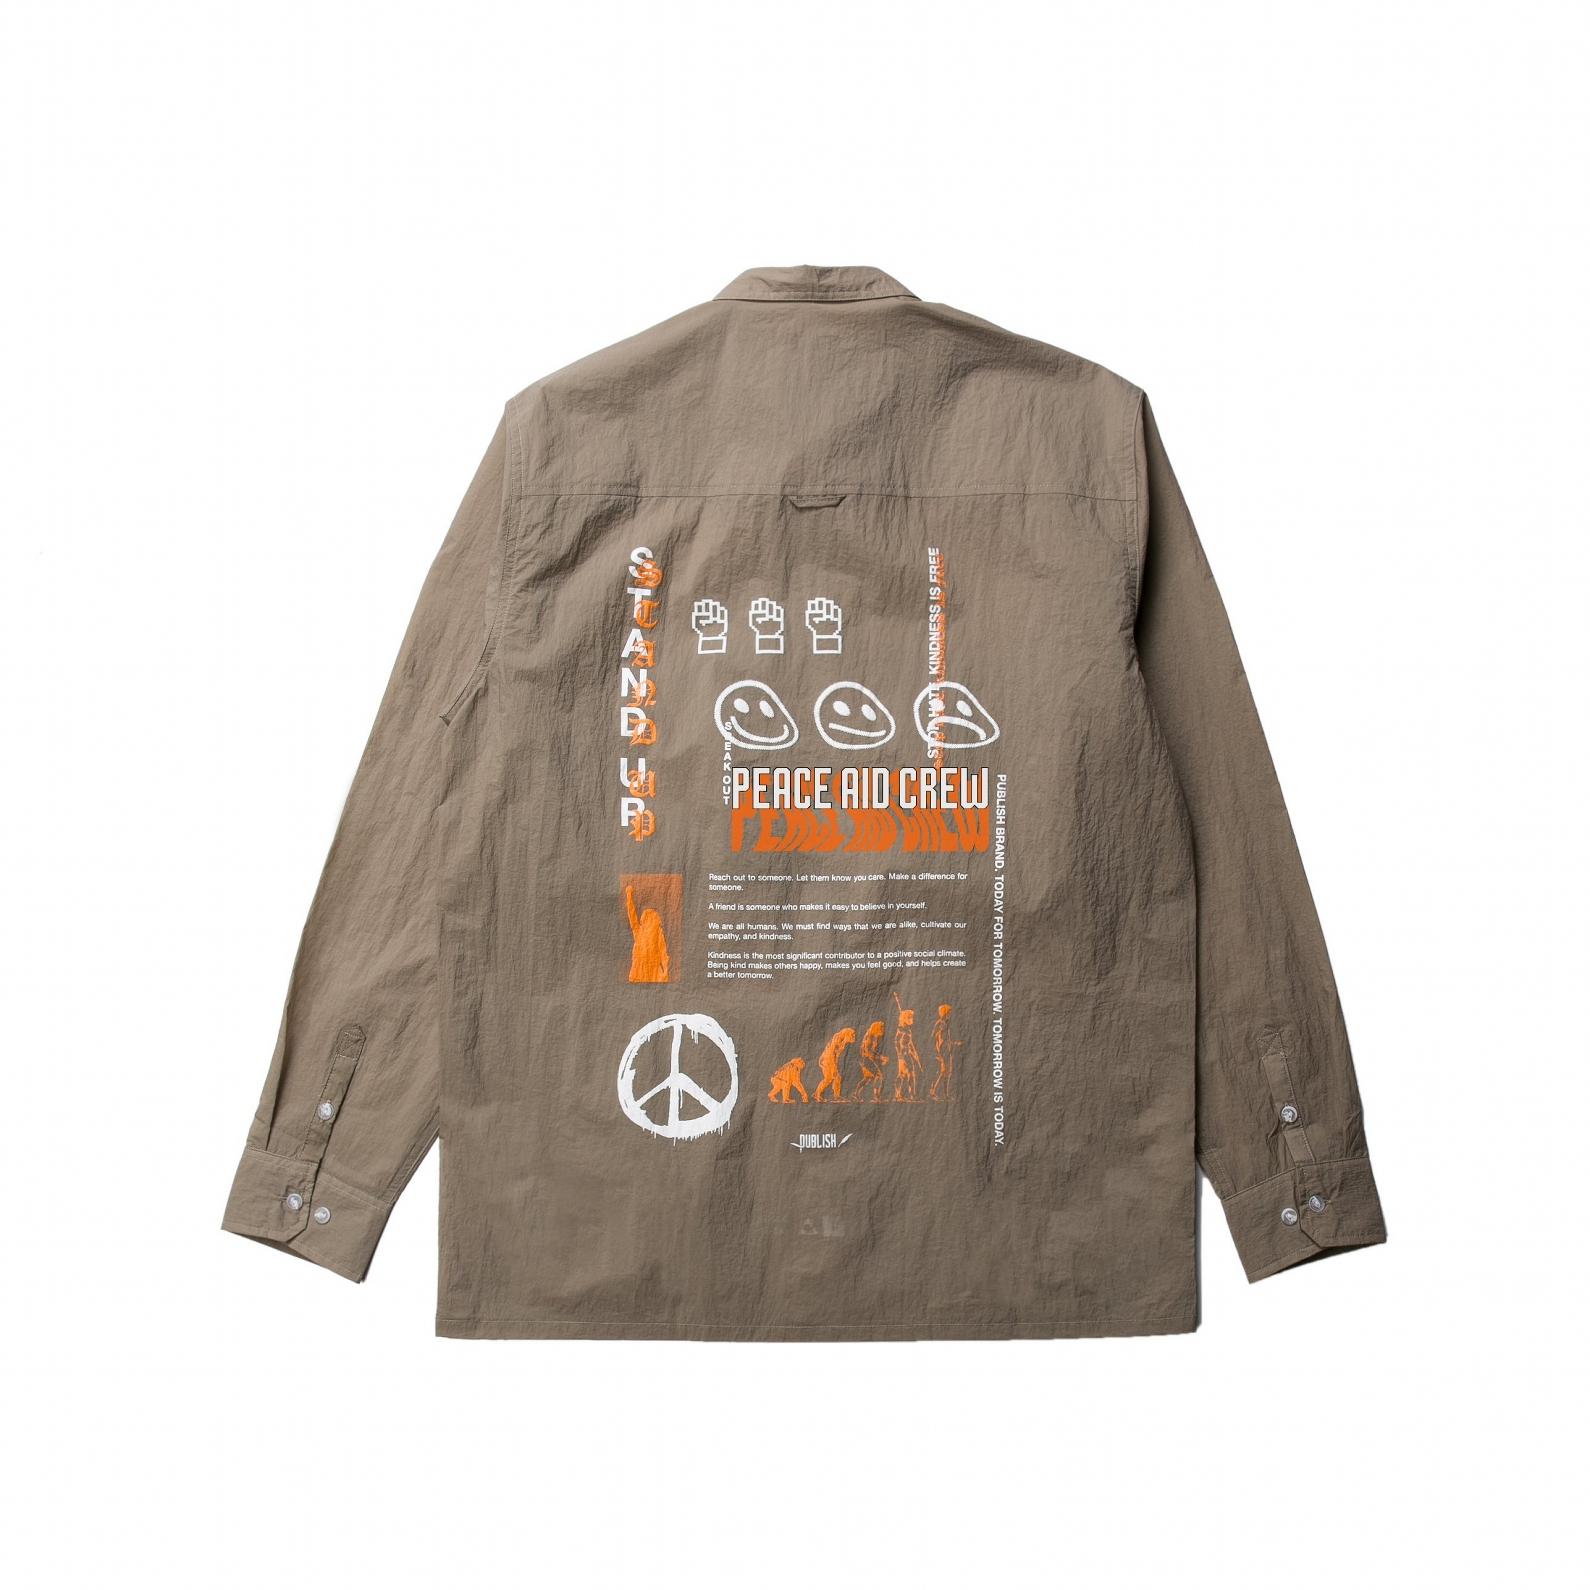 【PUBLISH BRAND/パブリッシュブランド】WEATS ナイロンシャツジャケット / STONE